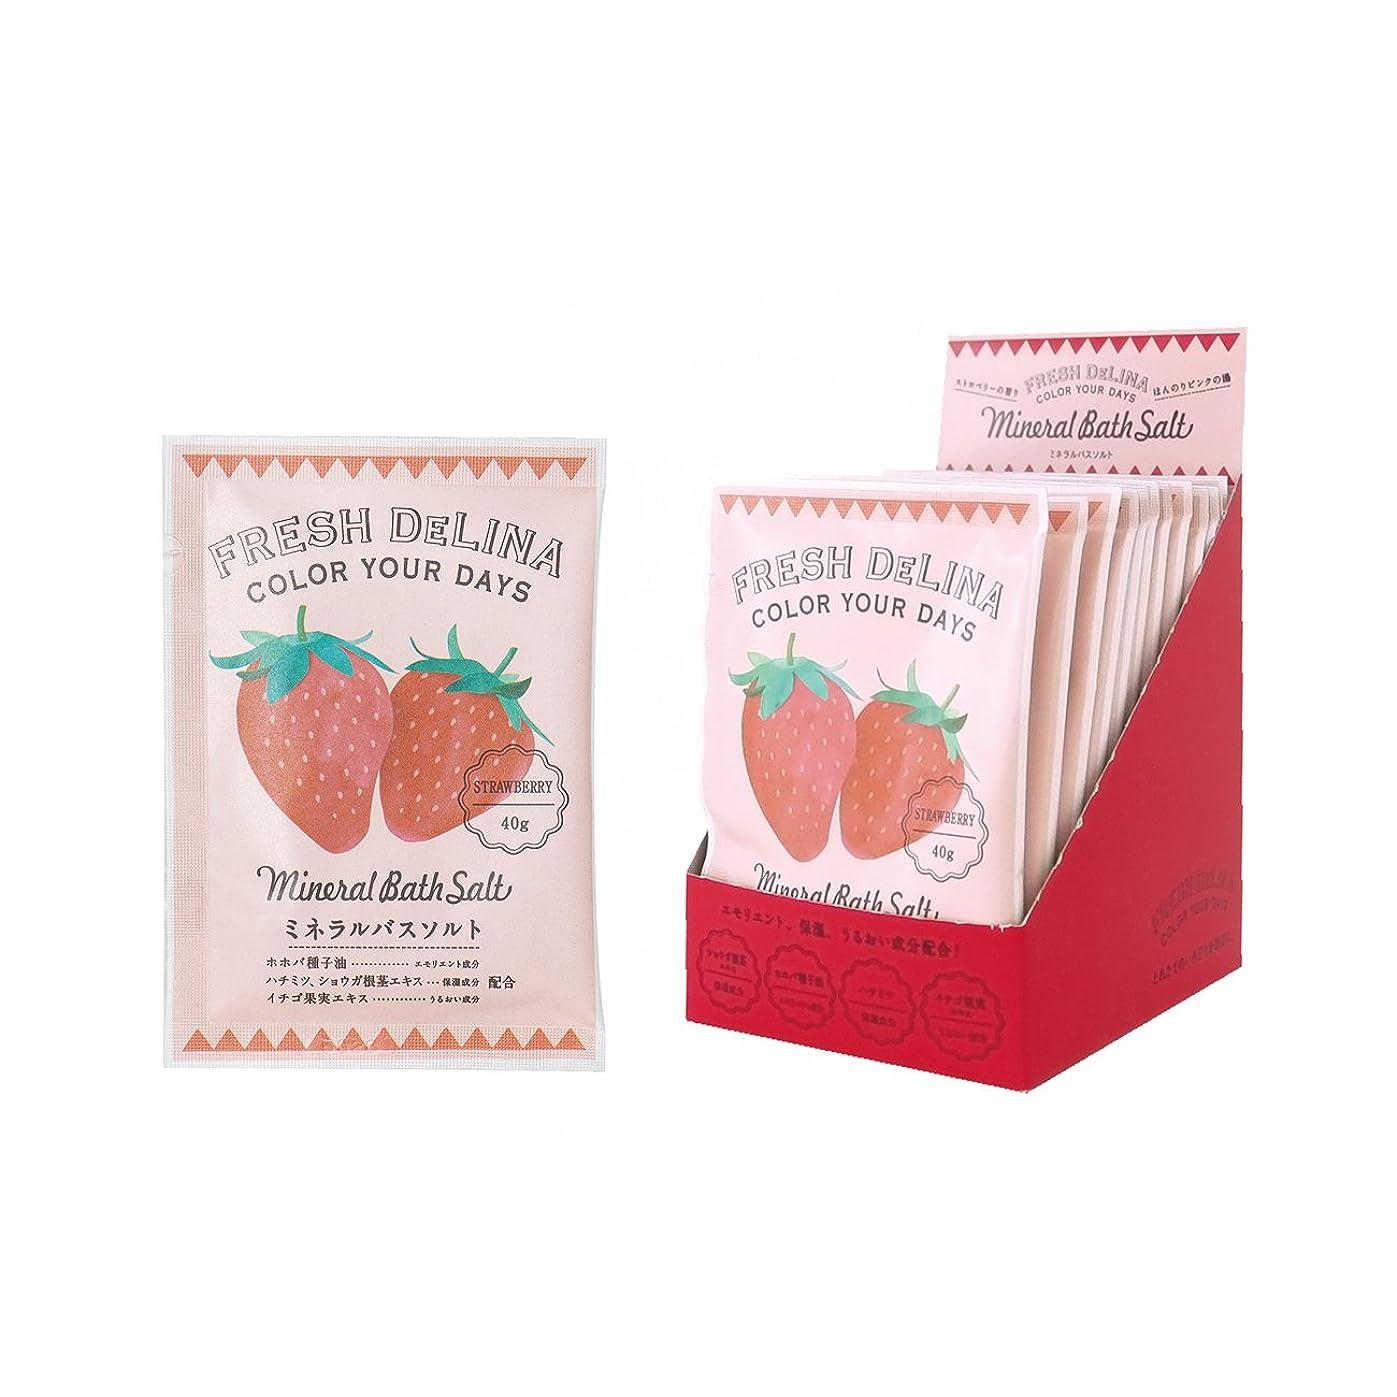 寛大なシーズン散歩フレッシュデリーナ ミネラルバスソルト40g(ストロベリー) 12個 (海塩タイプ入浴料 日本製 ジューシーなイチゴの香り)